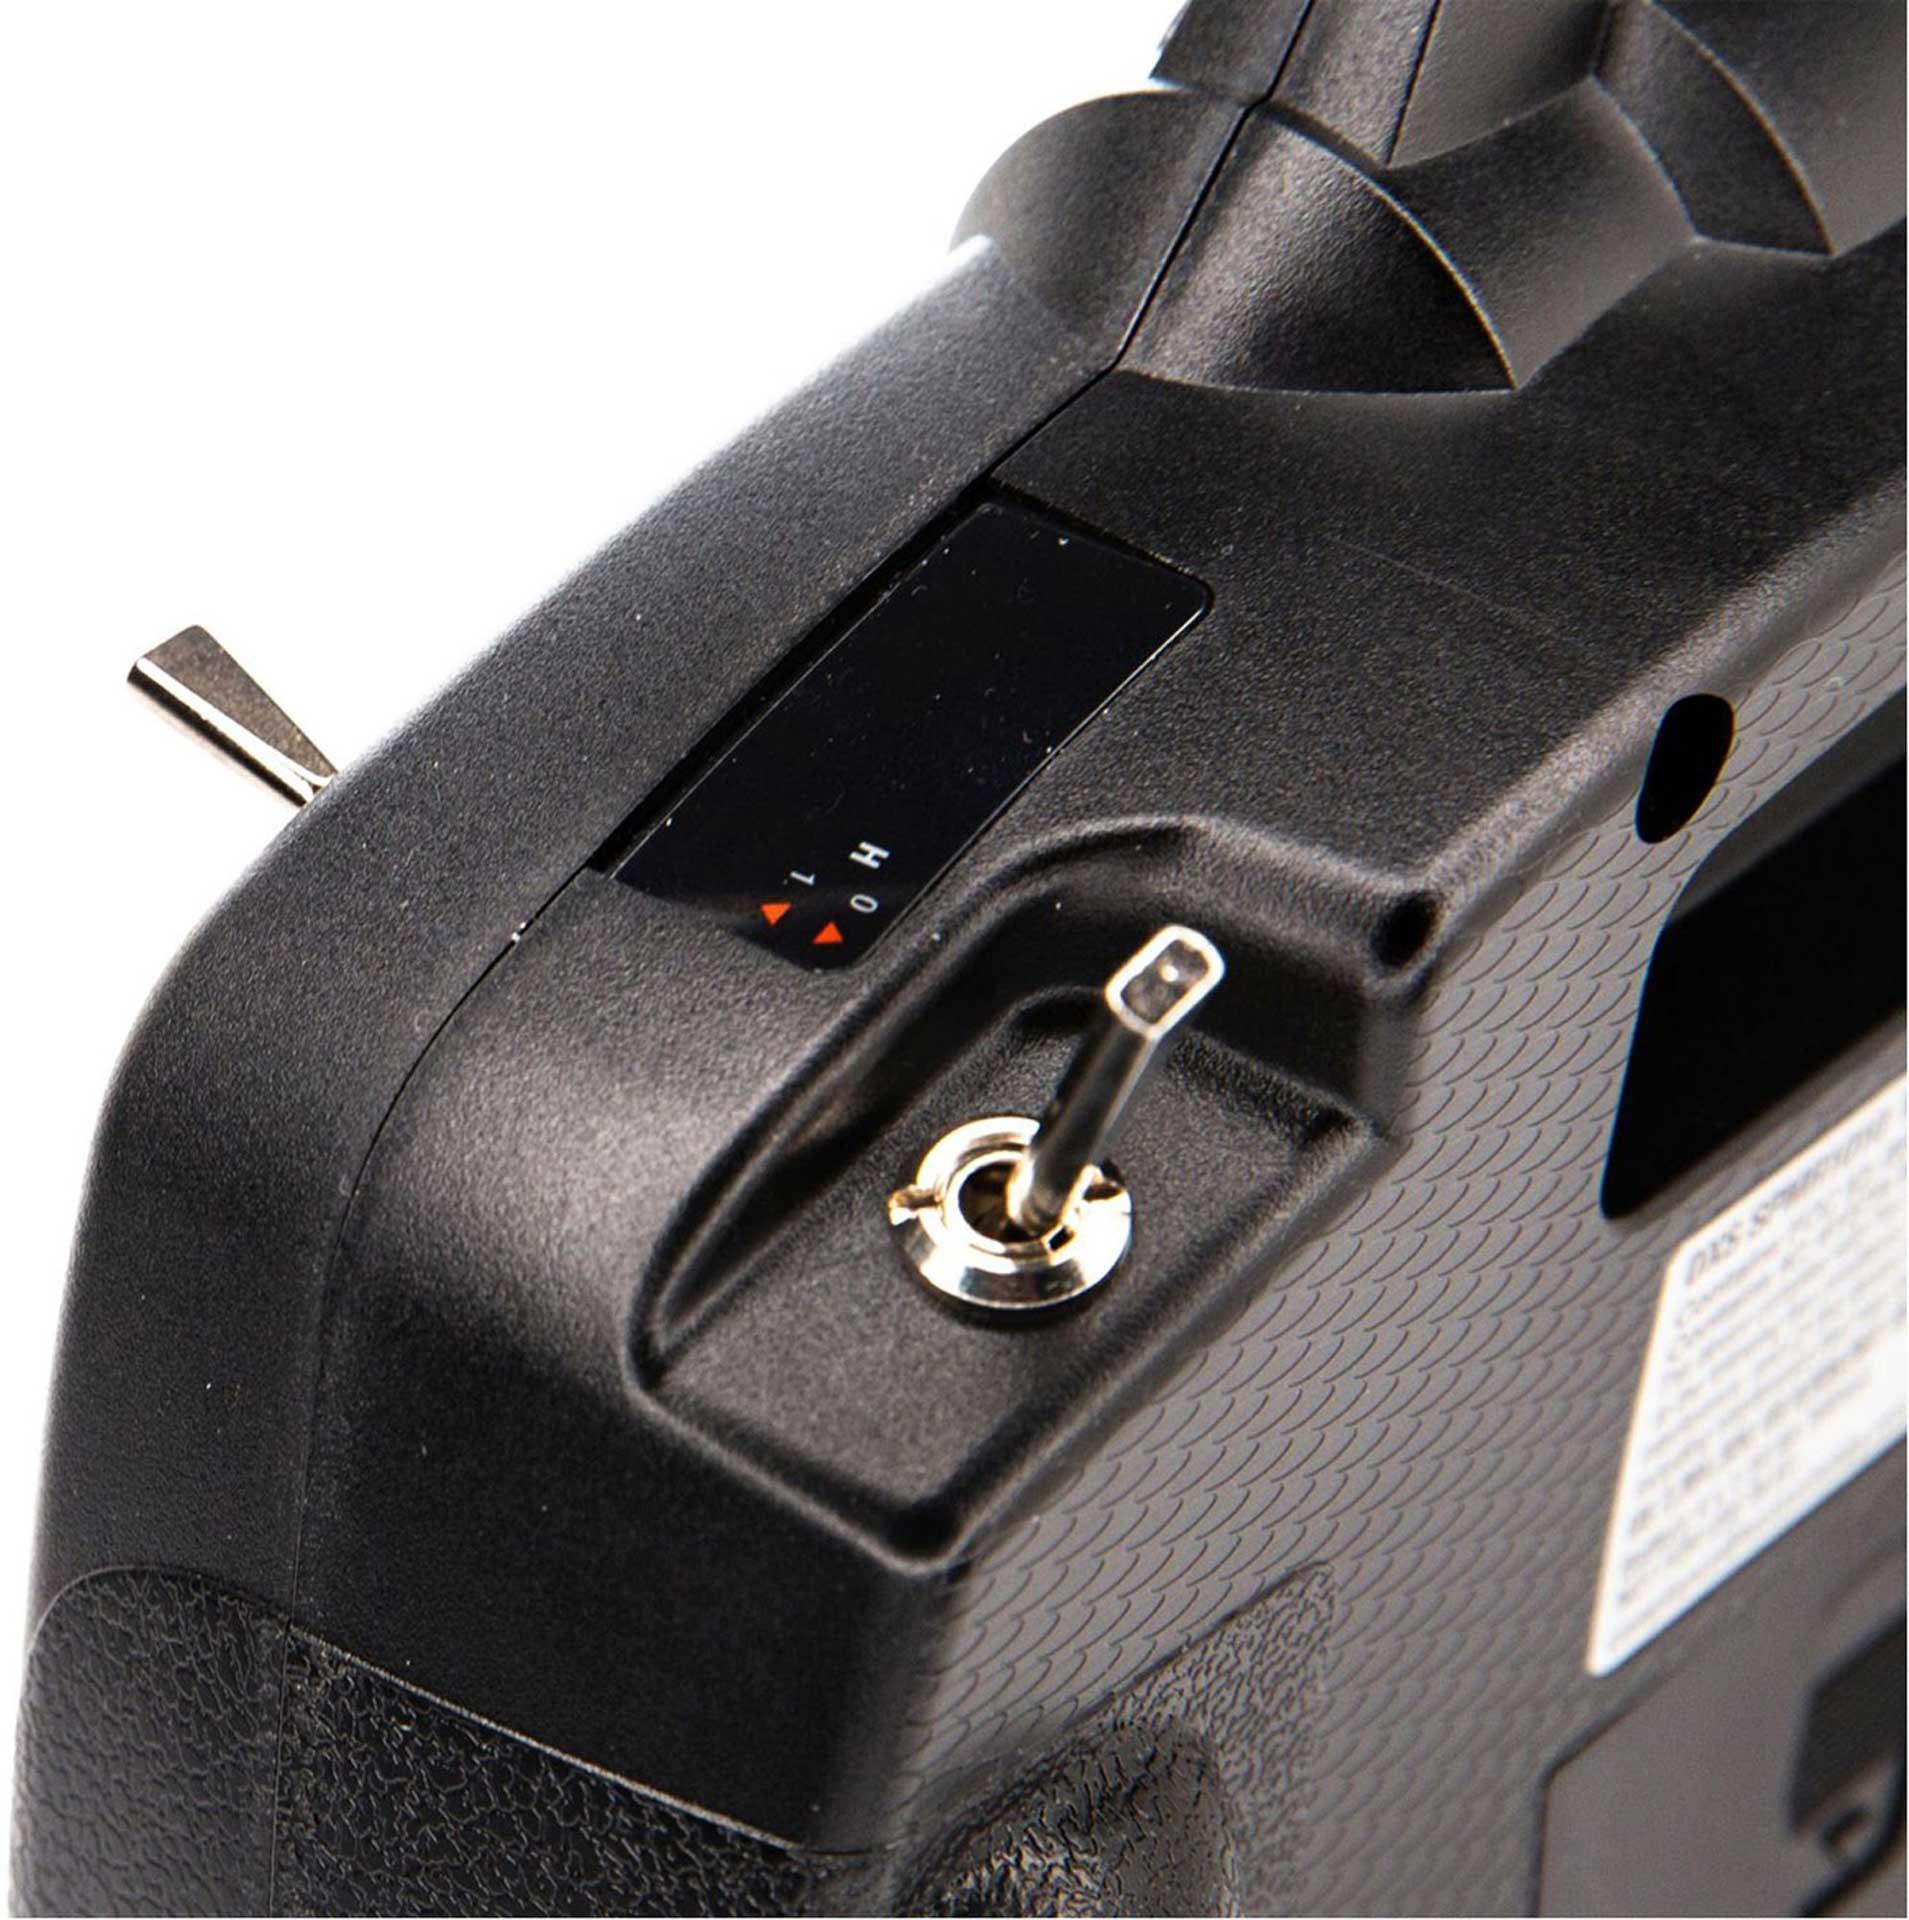 SPEKTRUM DXS 7 Kanal DSMX® mit AR410 Empfänger 2,4Ghz Fernsteuerung